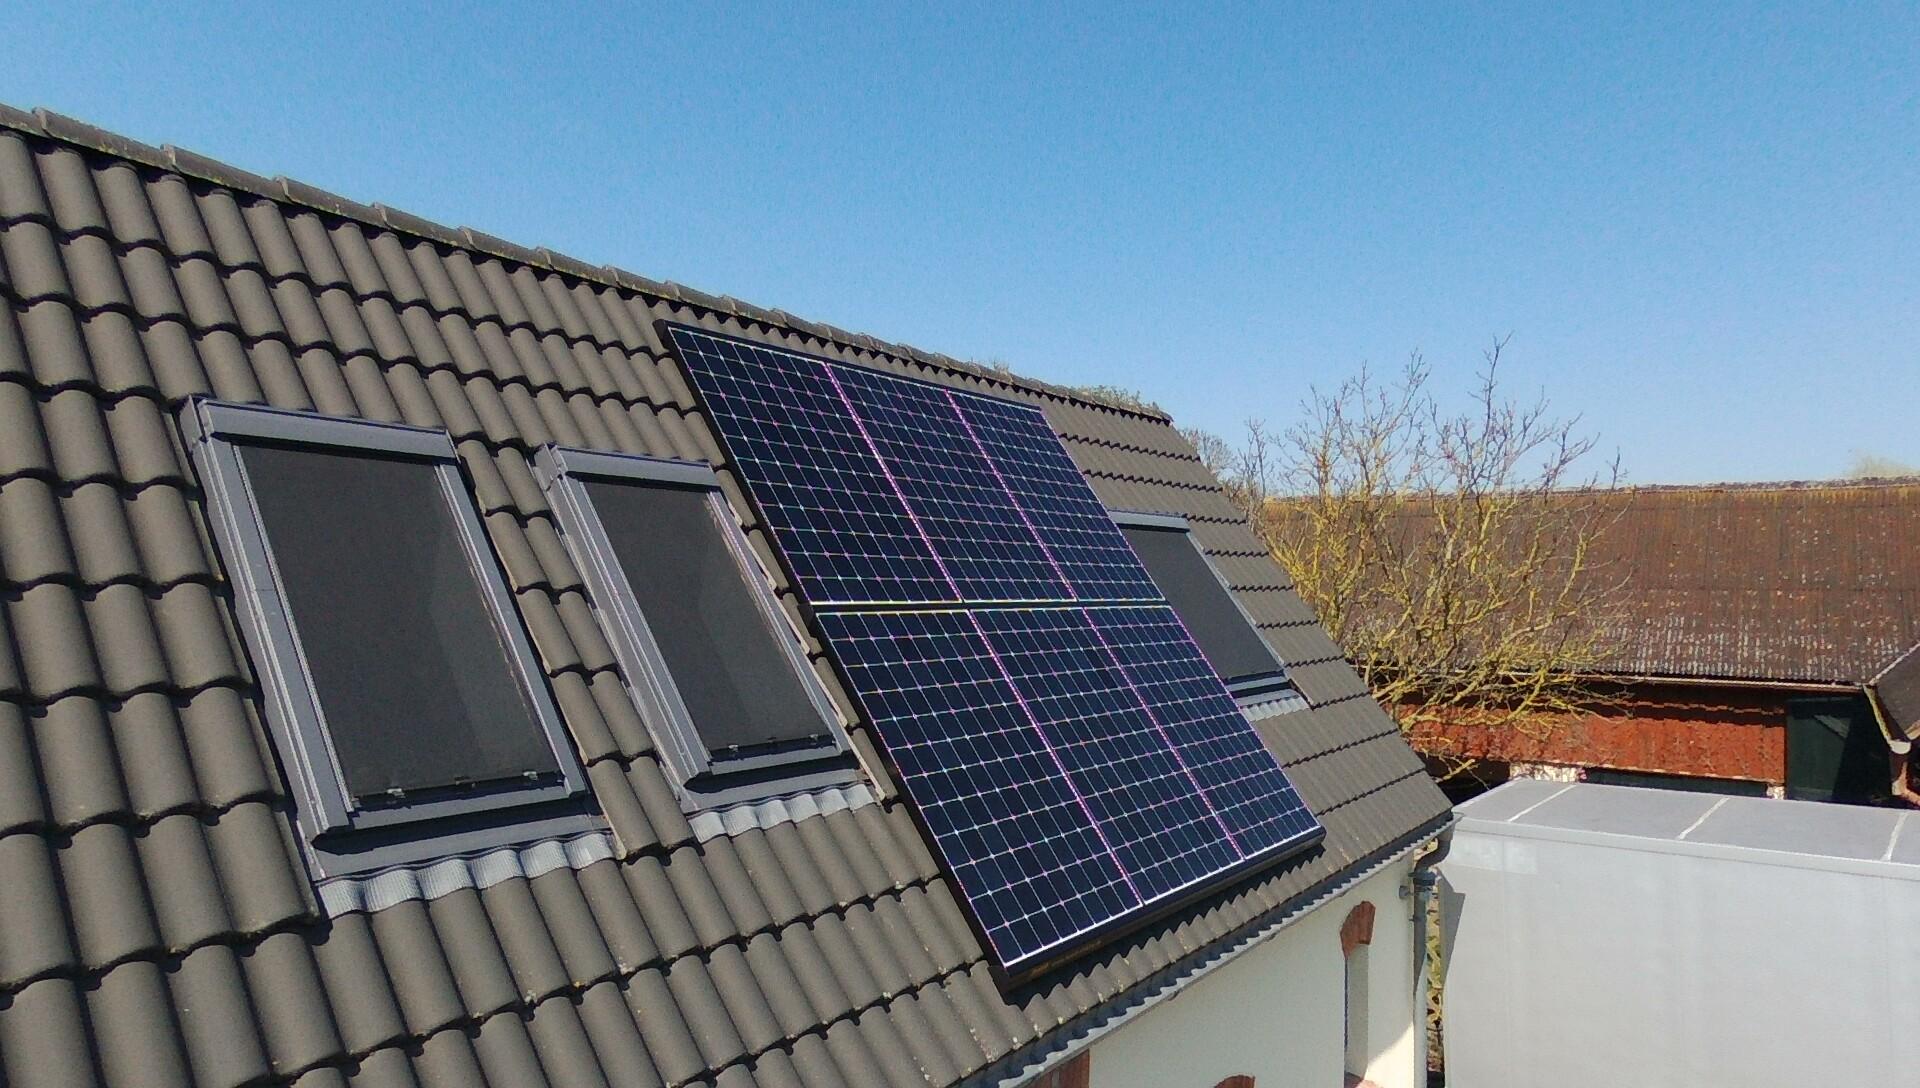 9,81 kWp Sunpower Ost, Süd und West, Solaredge Wechselrichter inkl. 5 kWh Senec Speicher und Cloud 2.0 in Papendorf bei Rostock